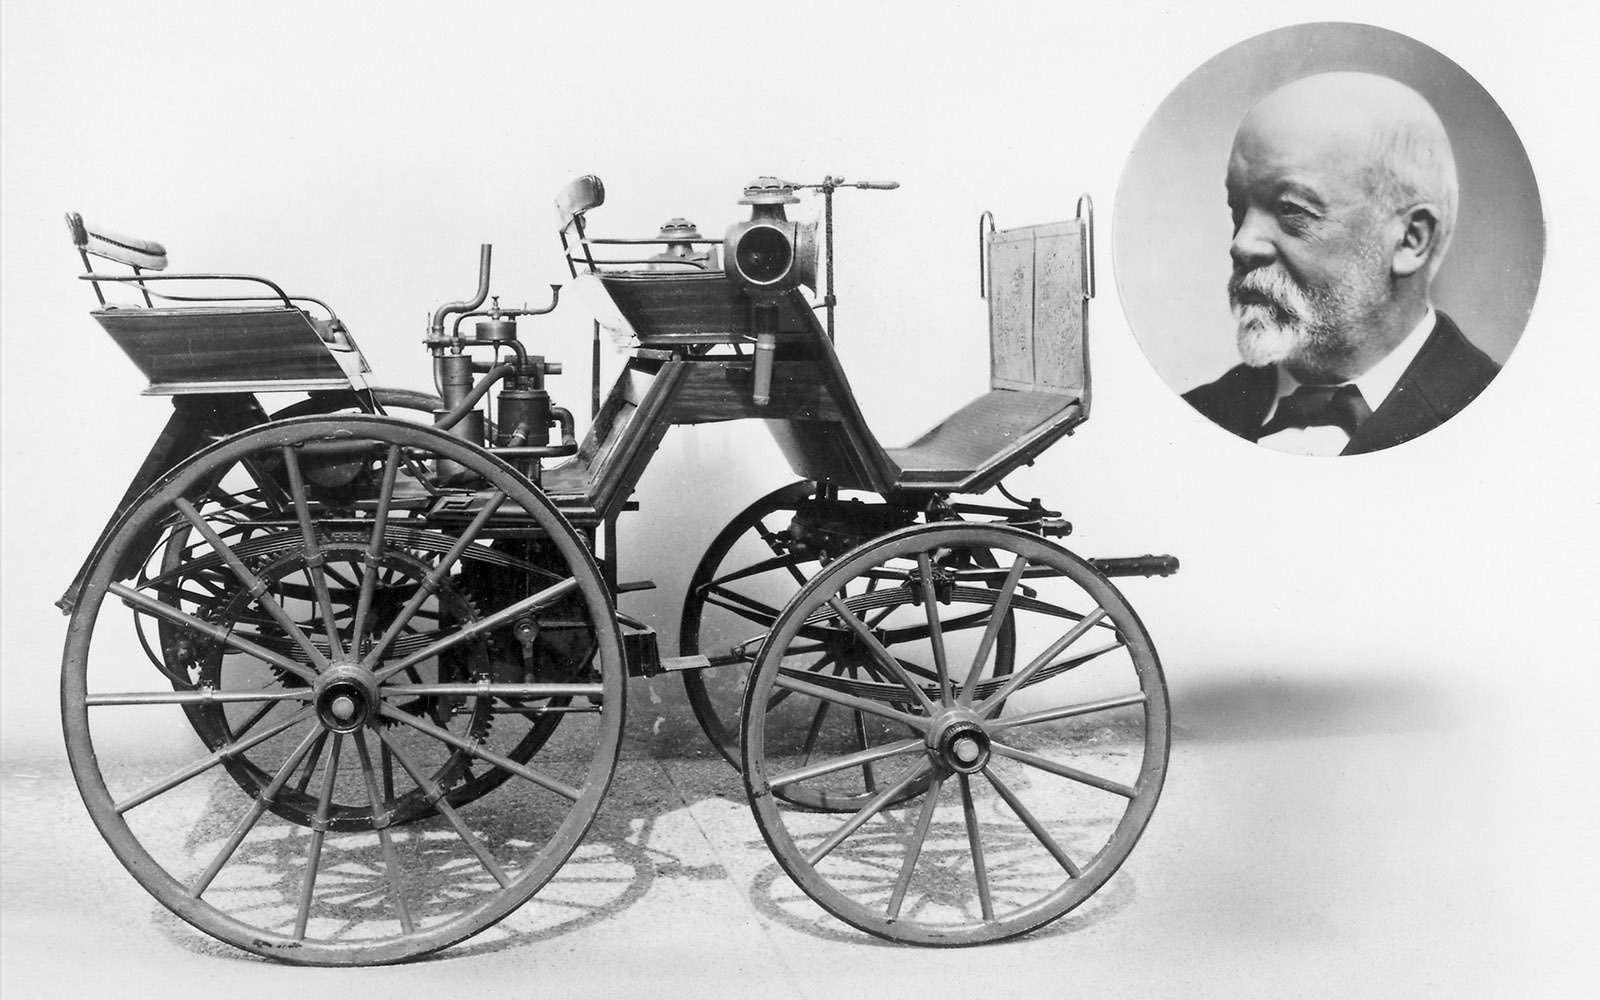 Вспоминаем первые автомобили: прелюдия длятелеги смотором— фото 694119